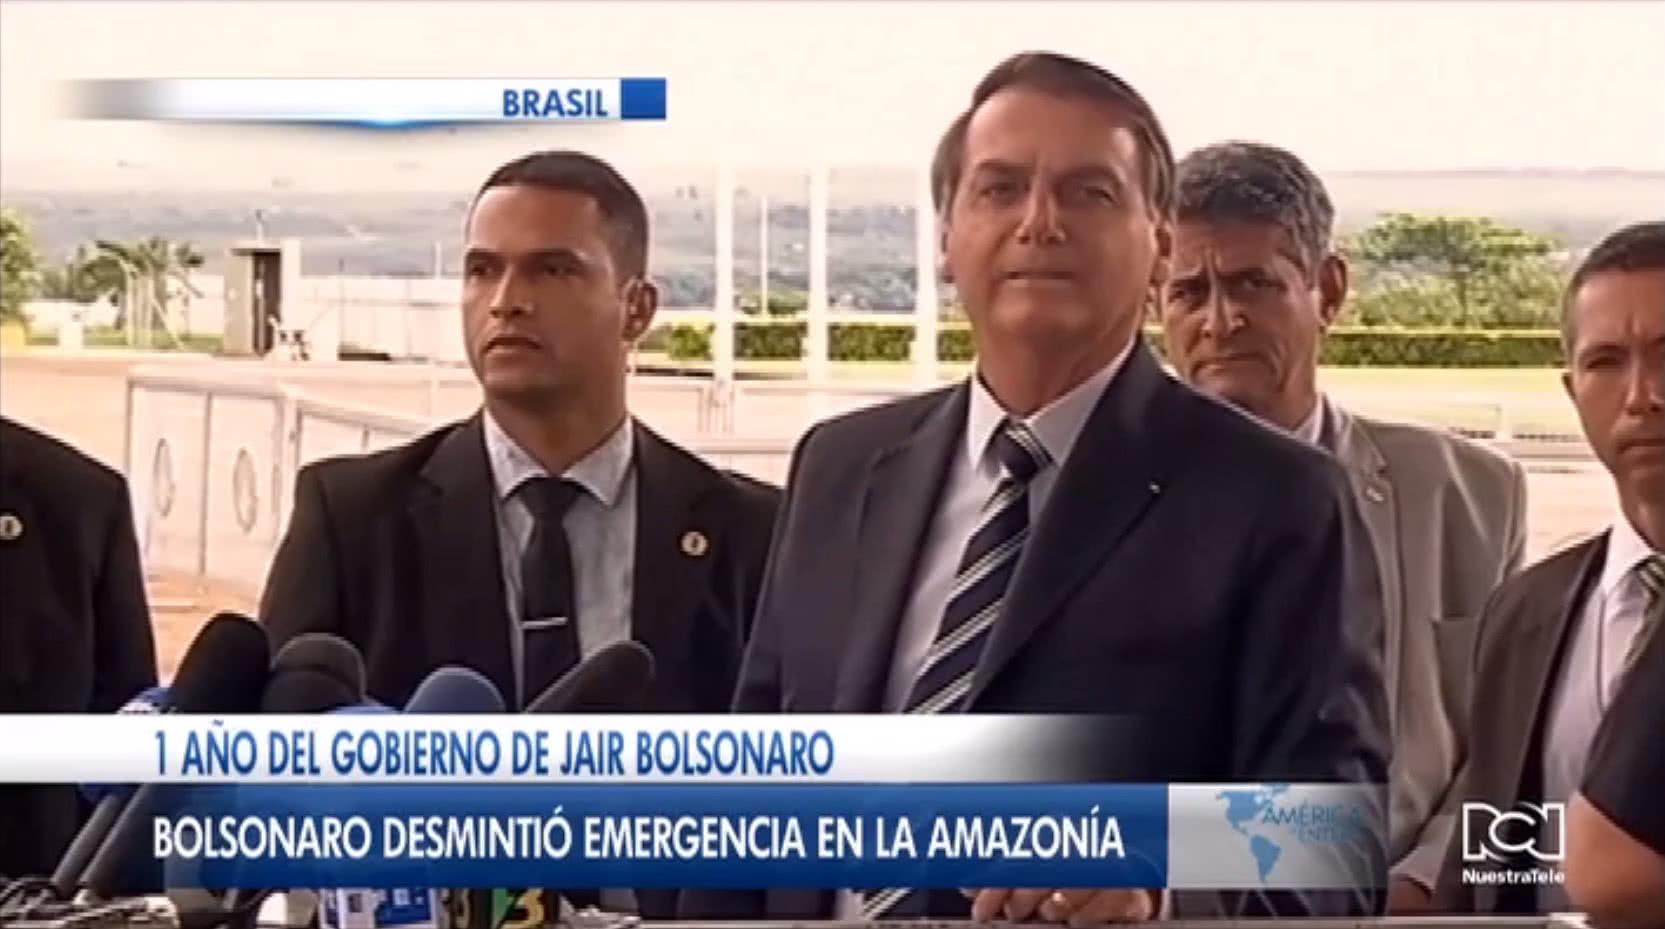 Política ambiental de Jair Bolsonaro opacó su gestión durante su primer año de Gobierno